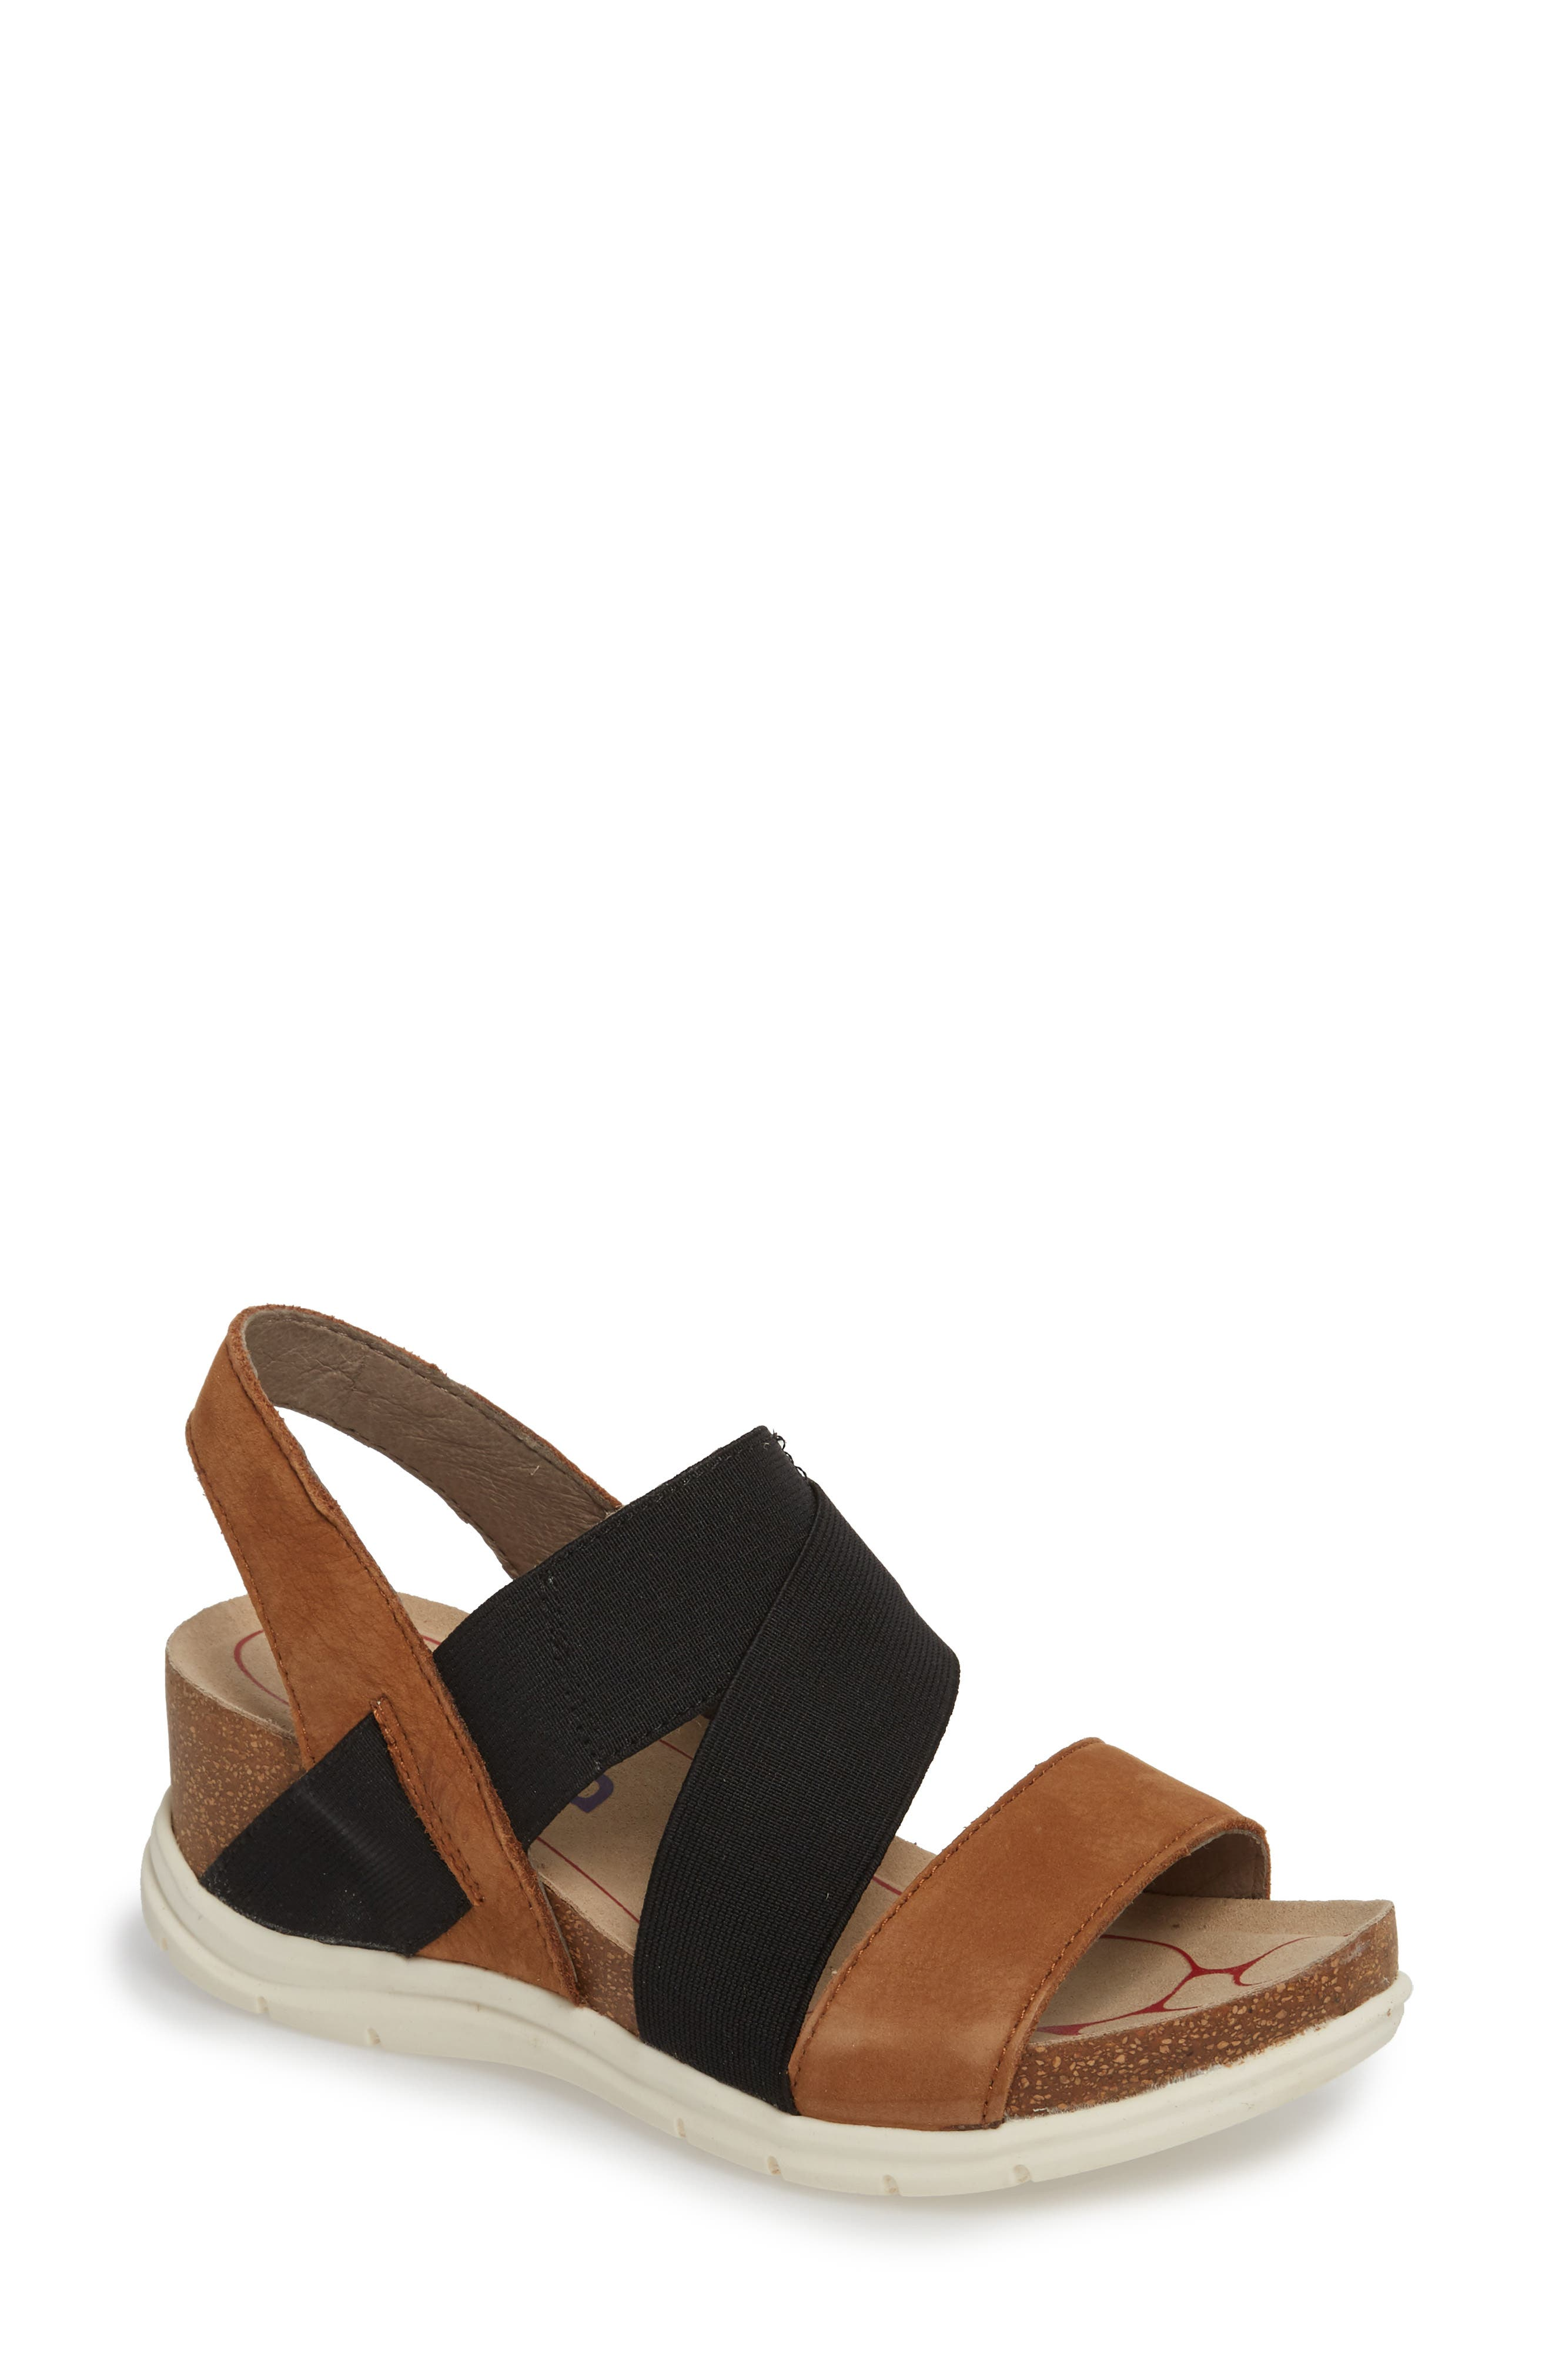 Paisley Wedge Sandal,                             Main thumbnail 2, color,